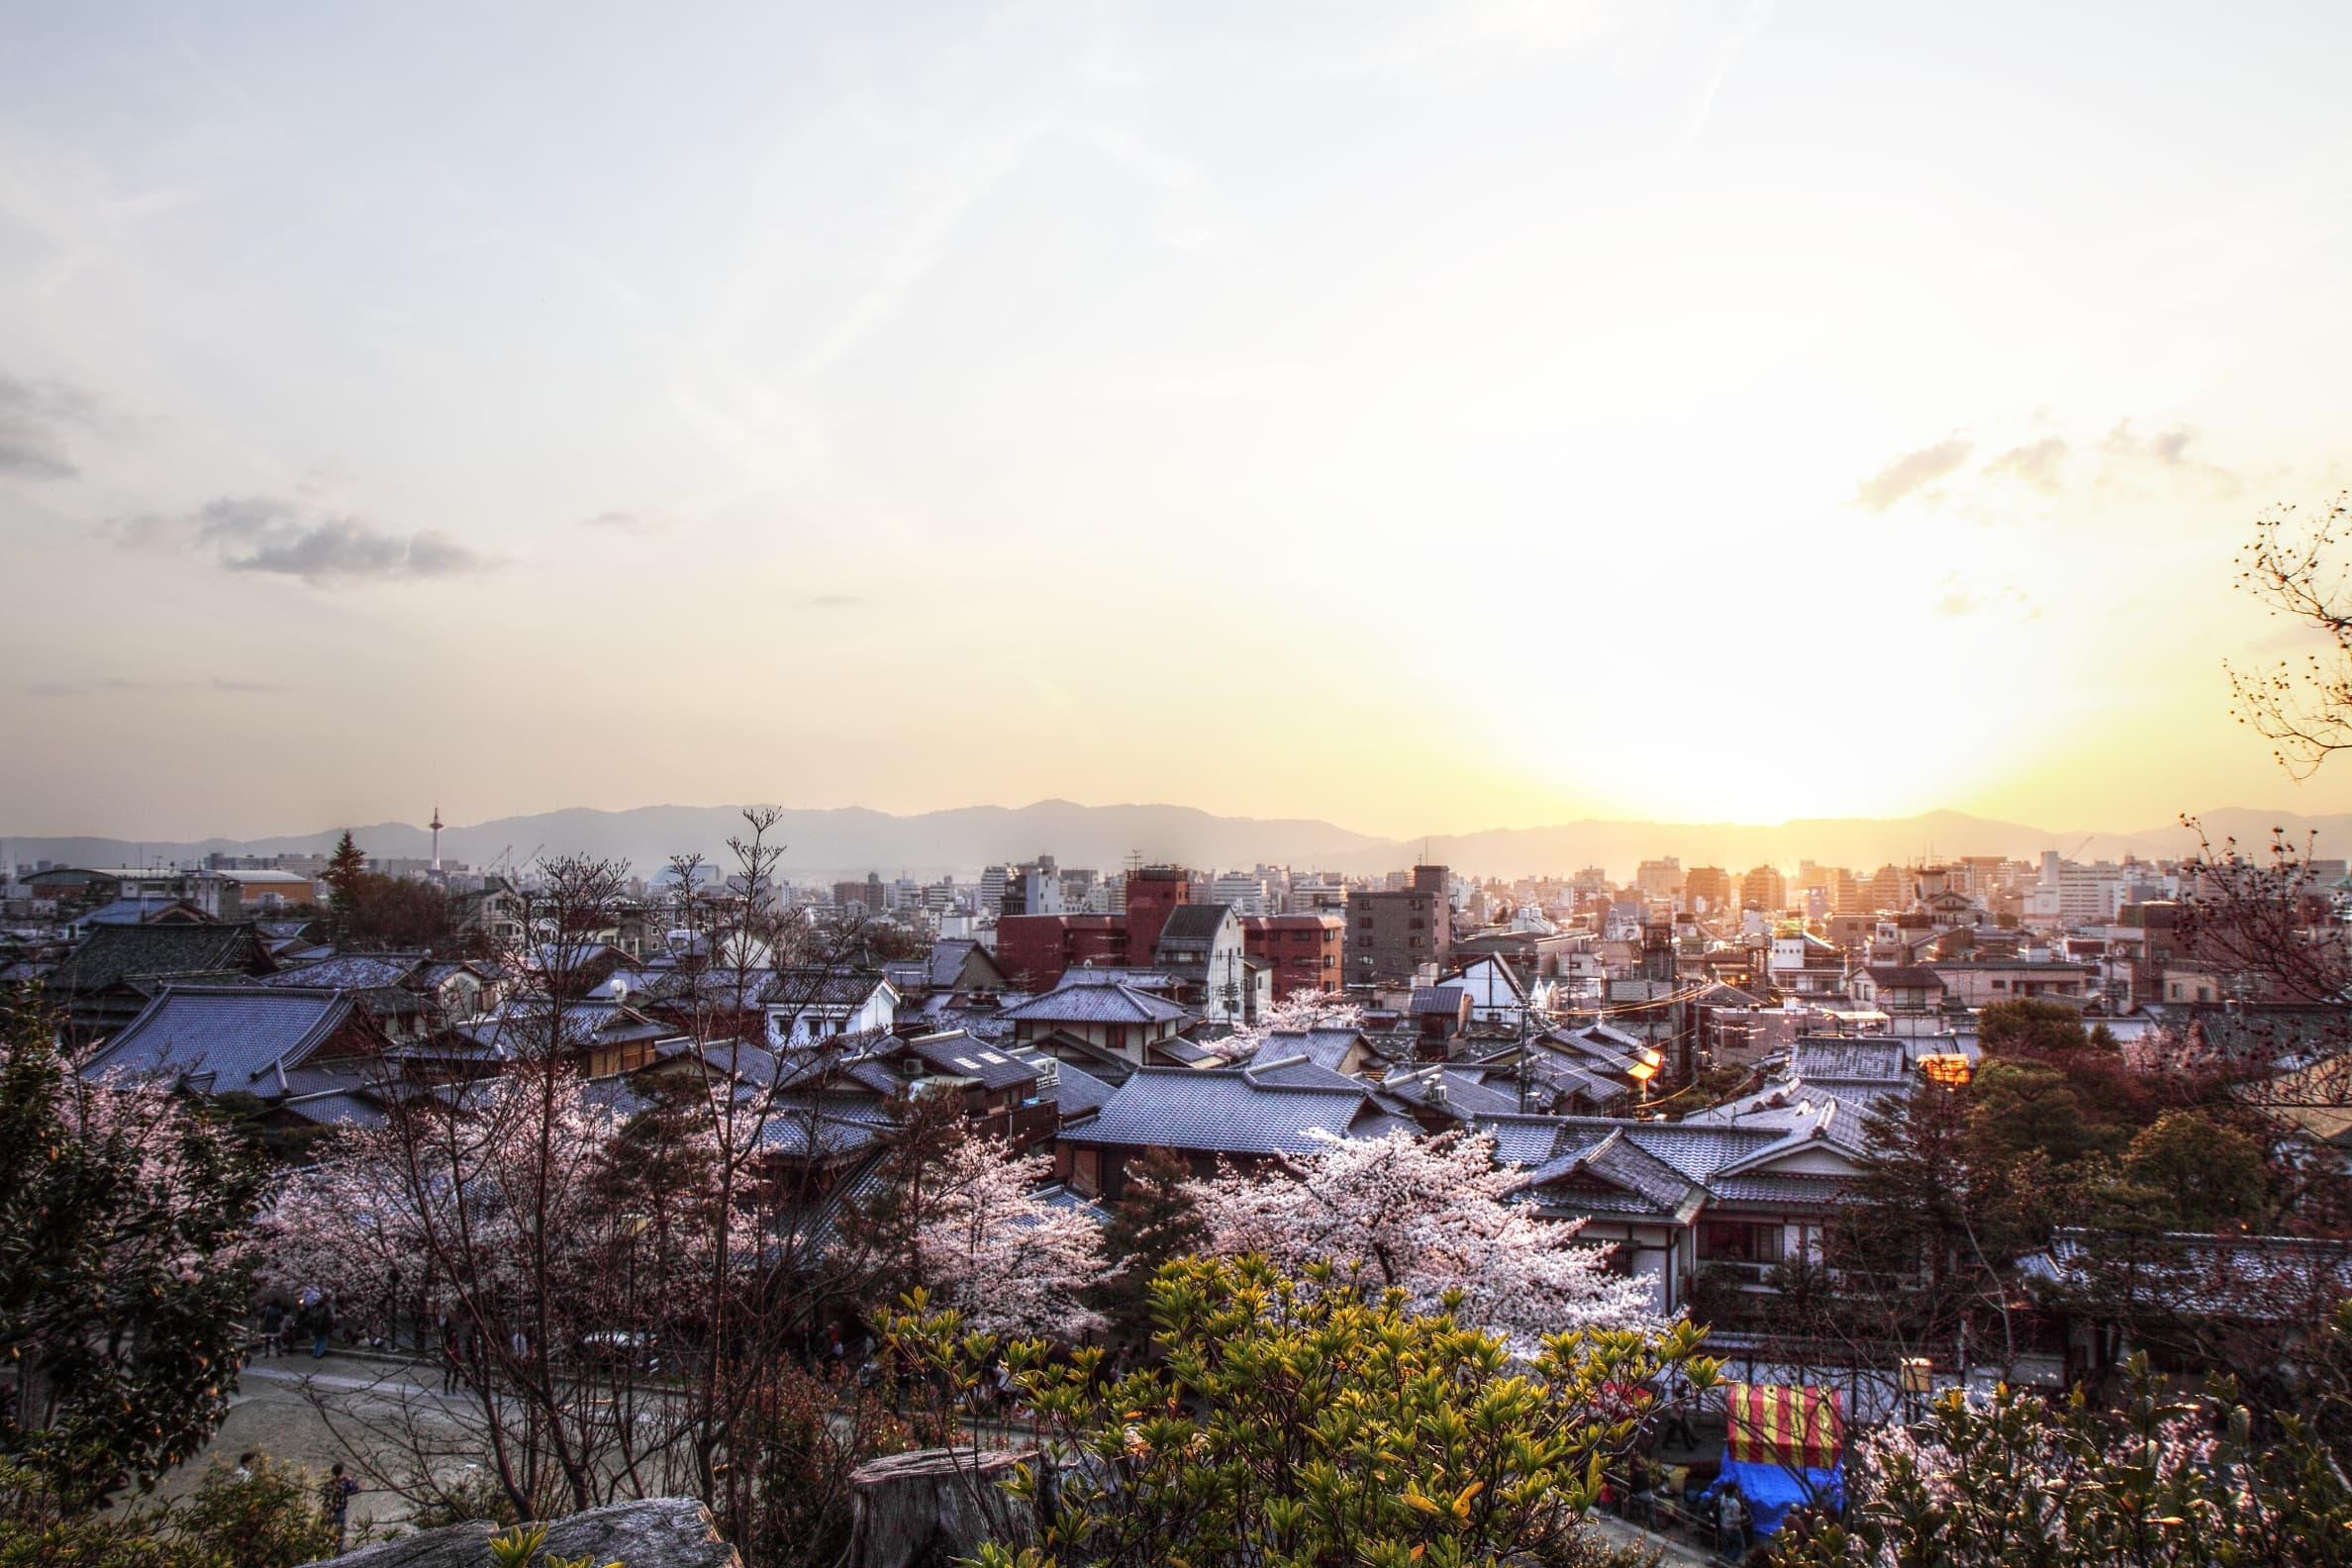 Skyline of Kyoto